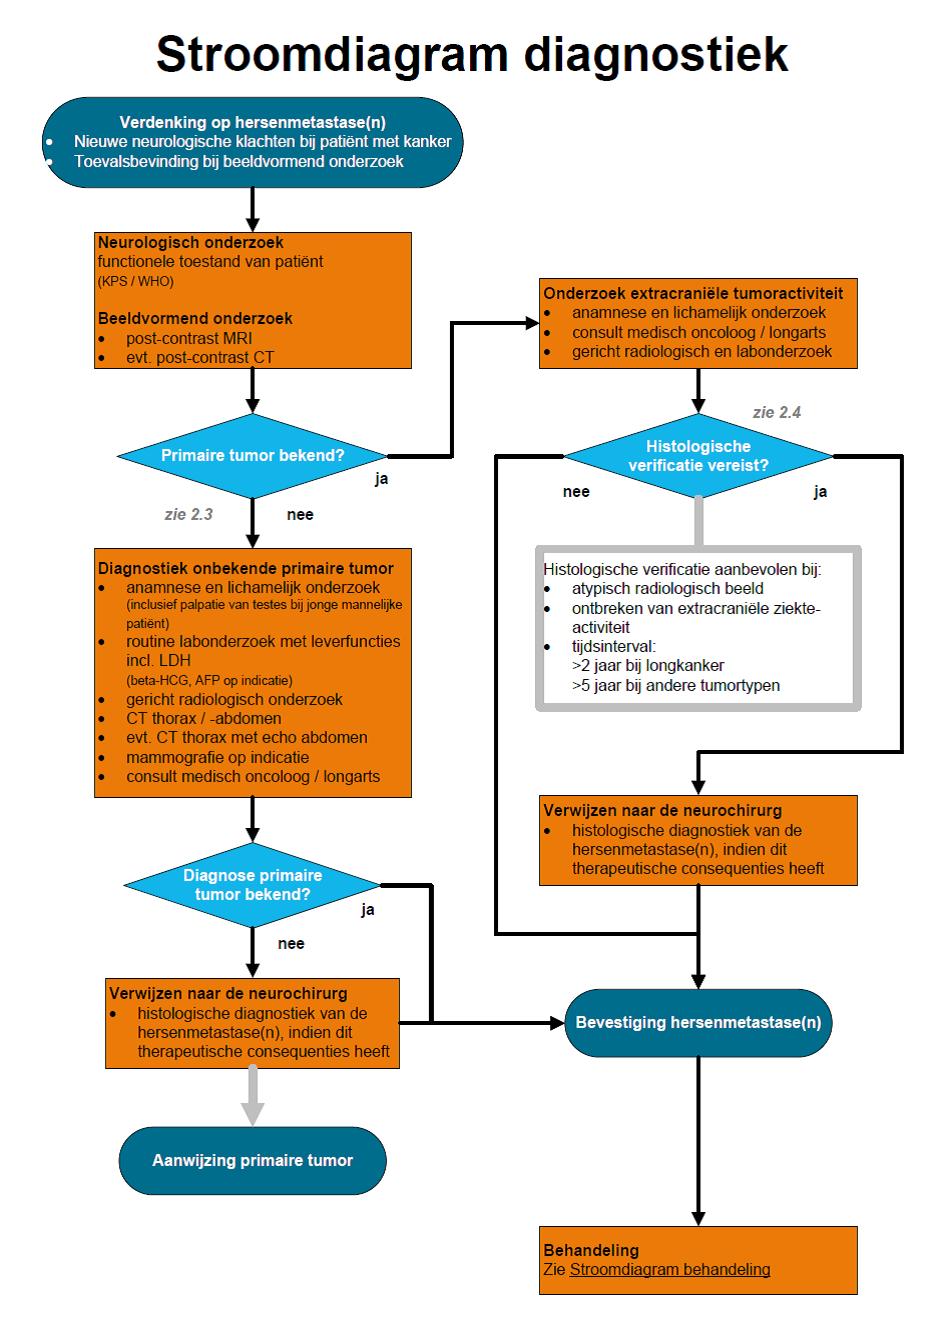 Hersenmetastasen - Diagnostiek Stroomdiagram - Richtlijn ...